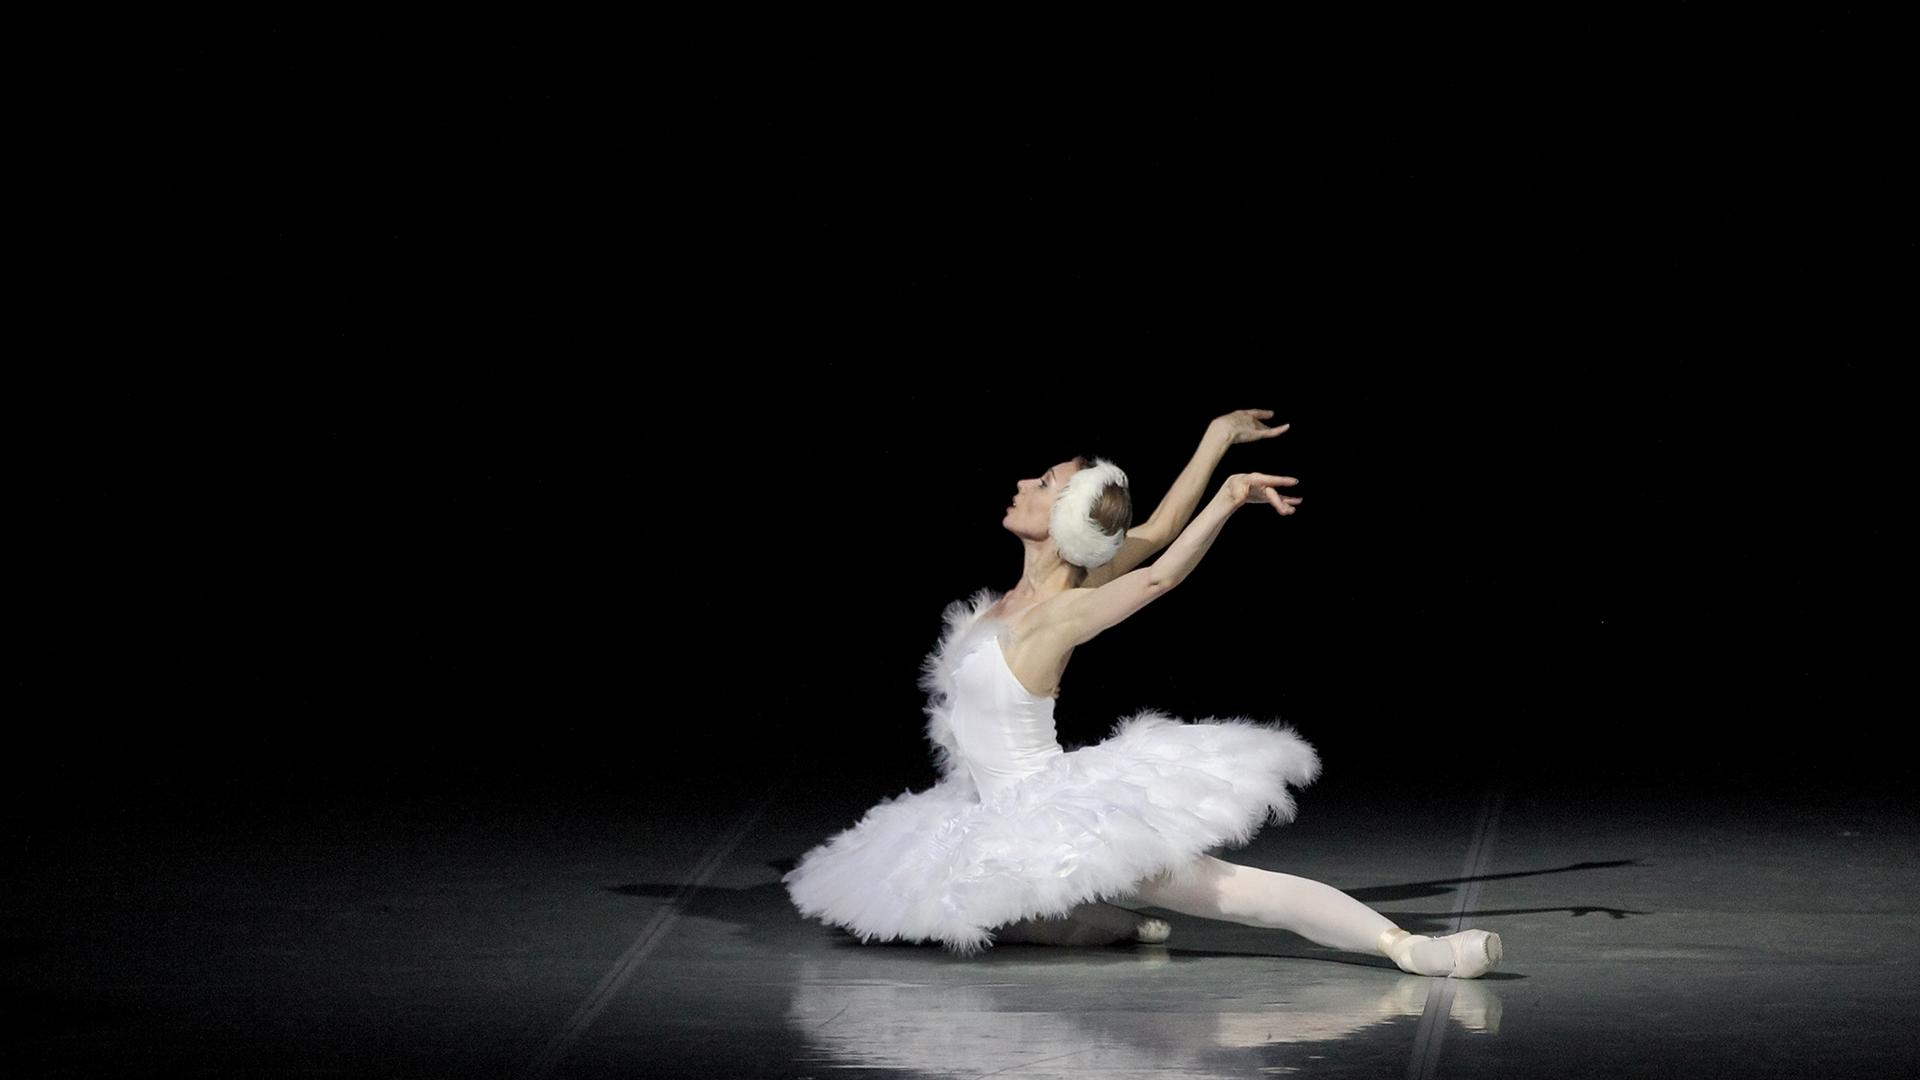 Artistic ballet photos 59